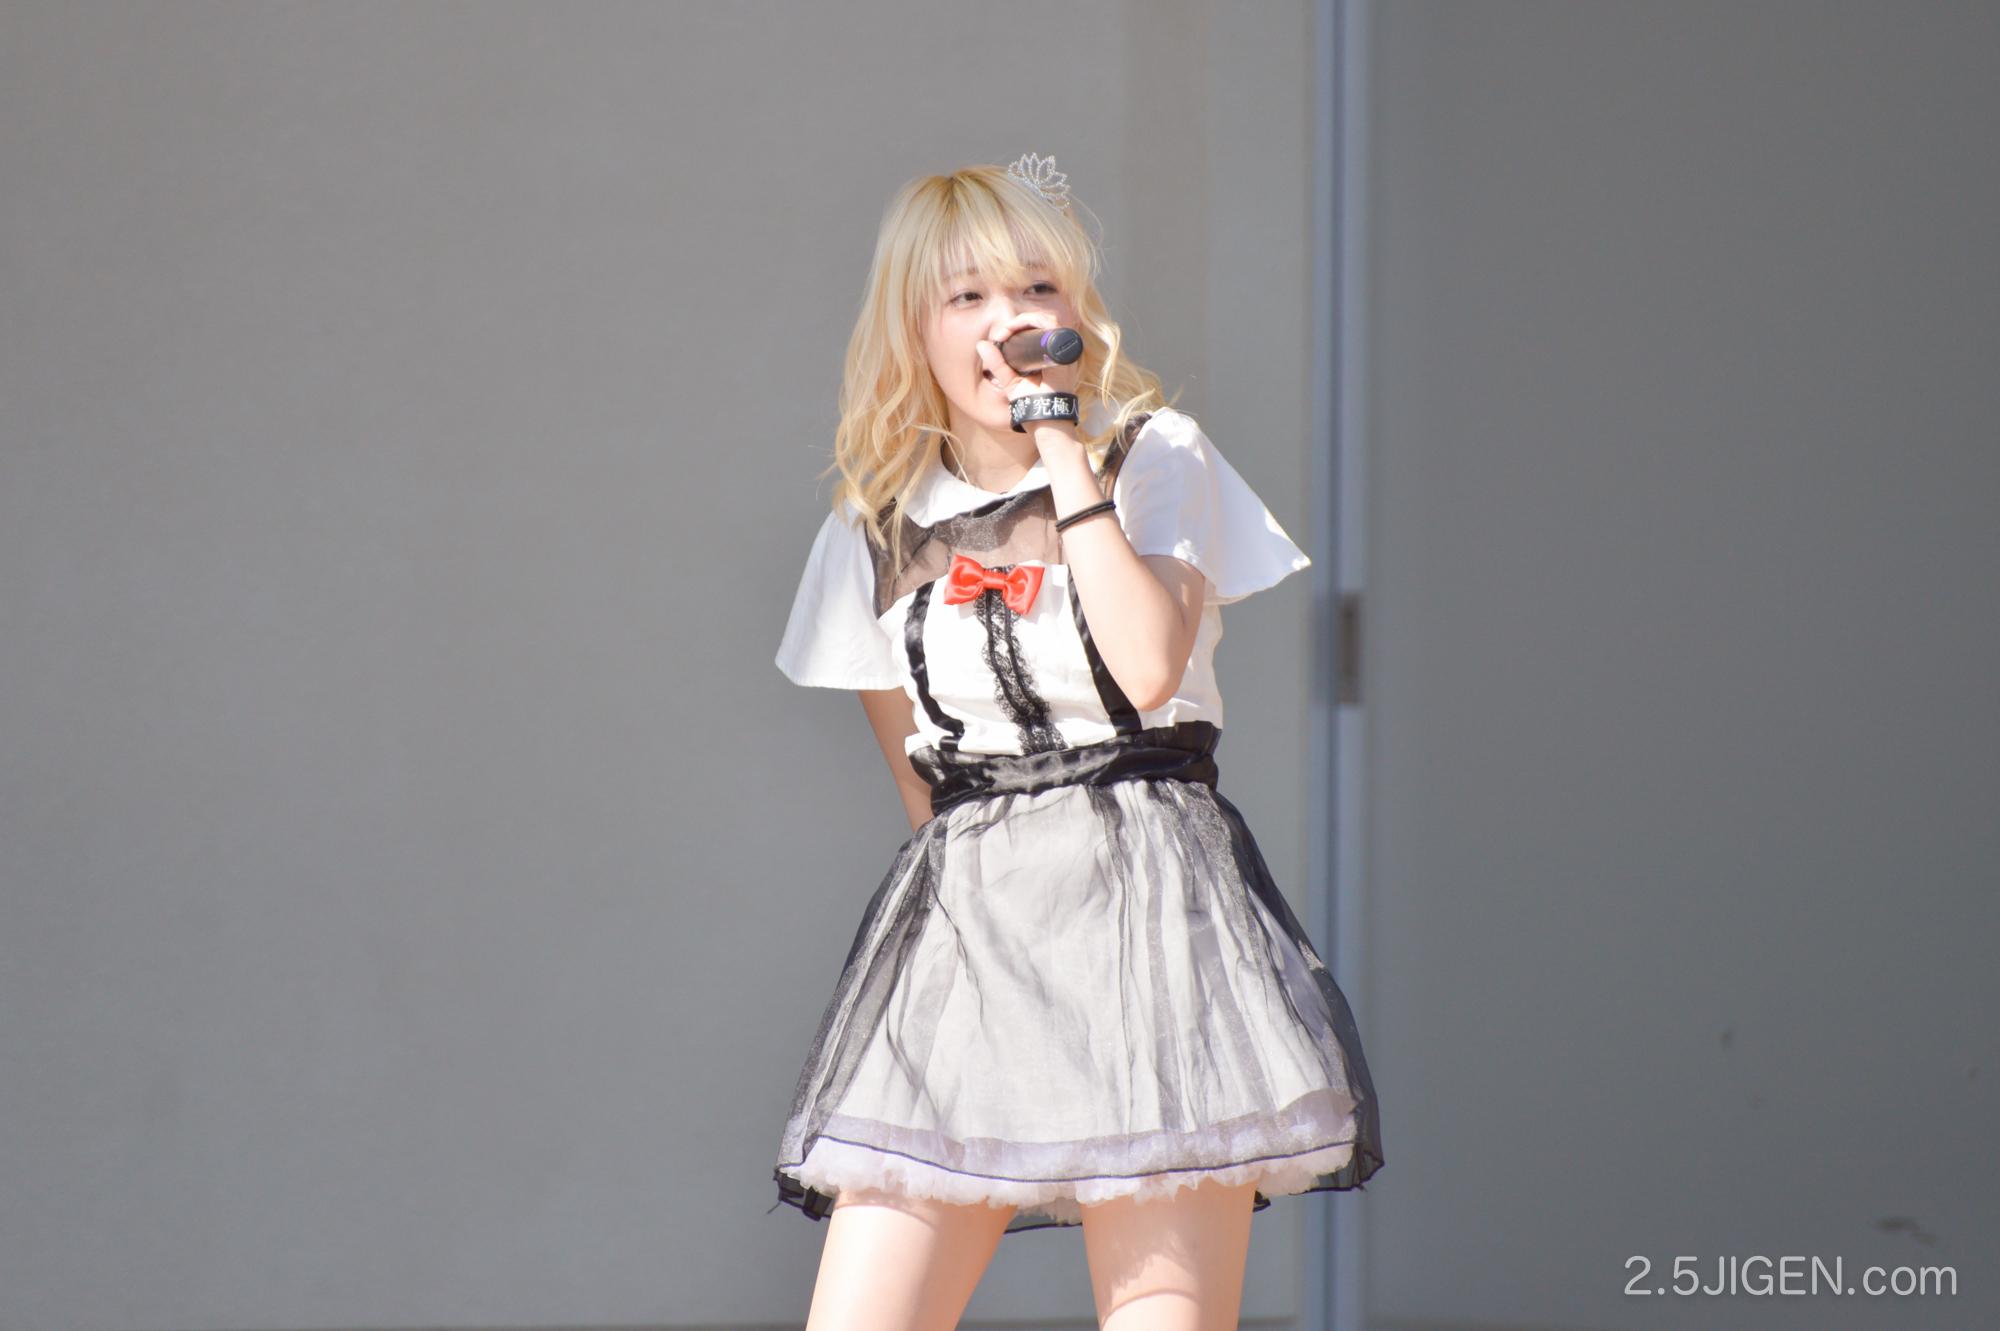 吉田あかり 究極人形 アルテマドール 豊橋ZOOっとぽぷかる2017